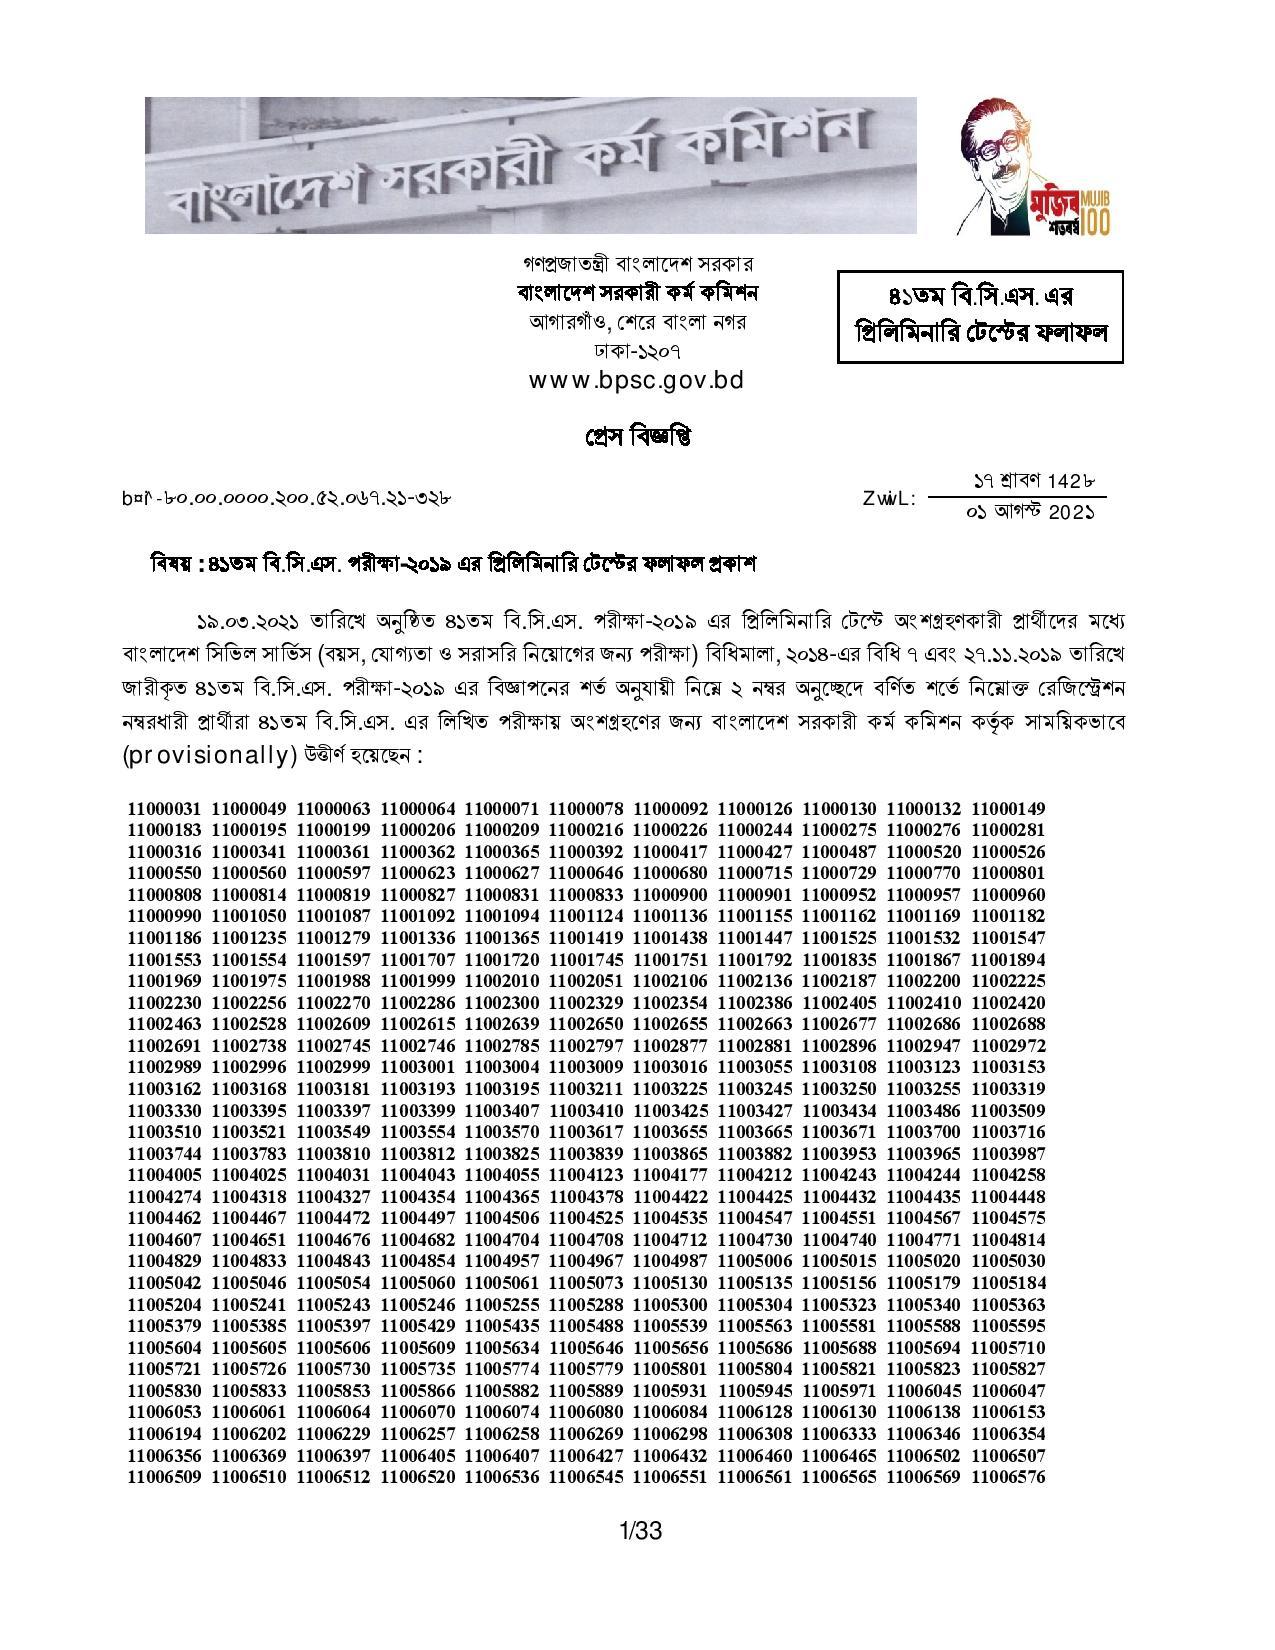 Final-Press-realise-preli-41-BCS-page-001